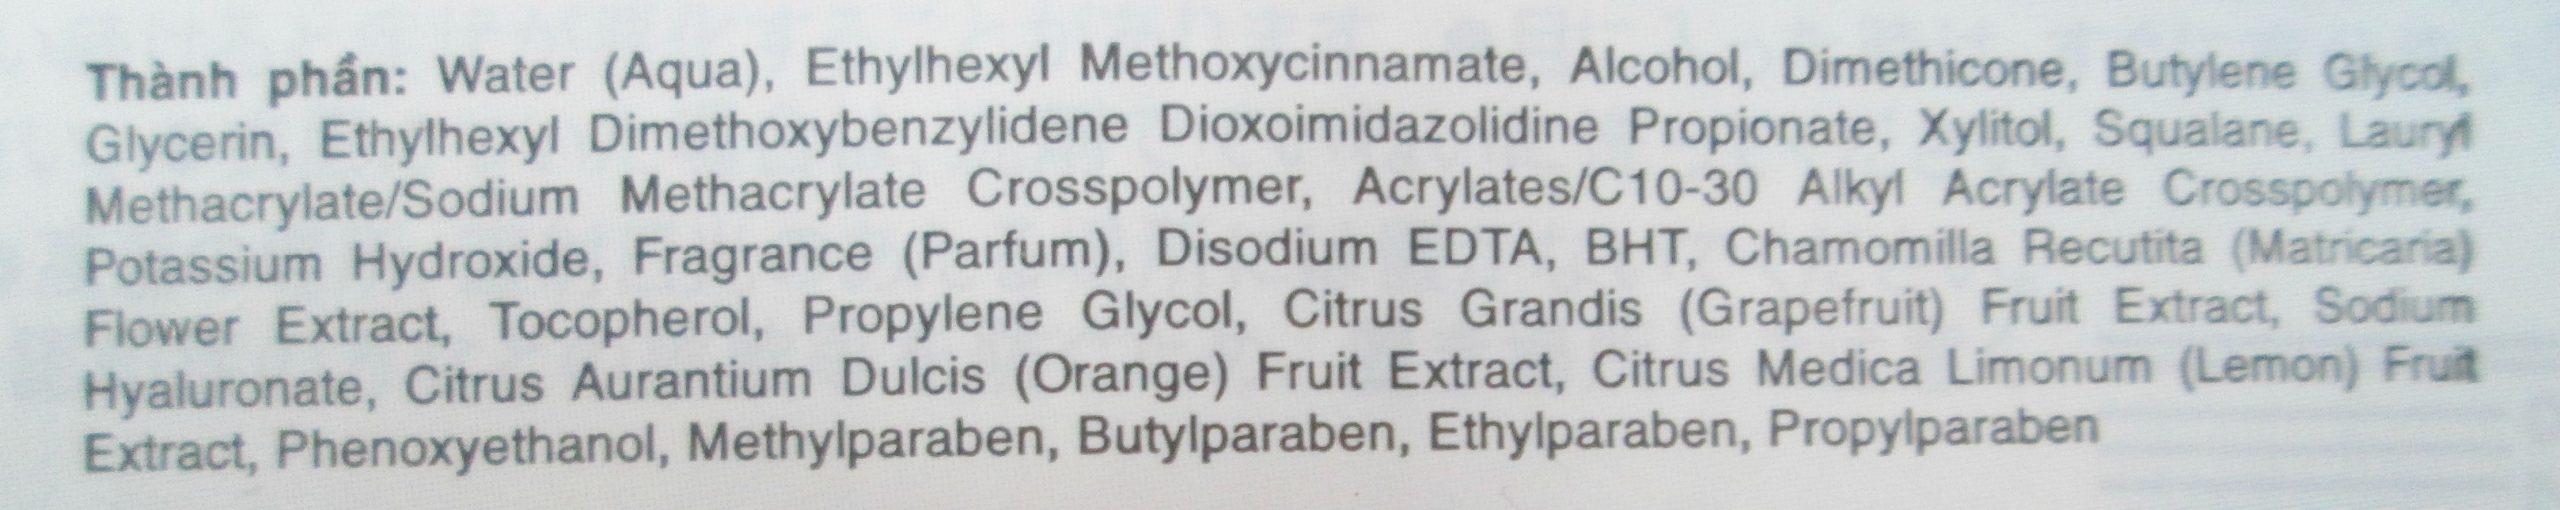 Thành phần kem chống nắng Biore Aquarich Jelly Water Base Whitening